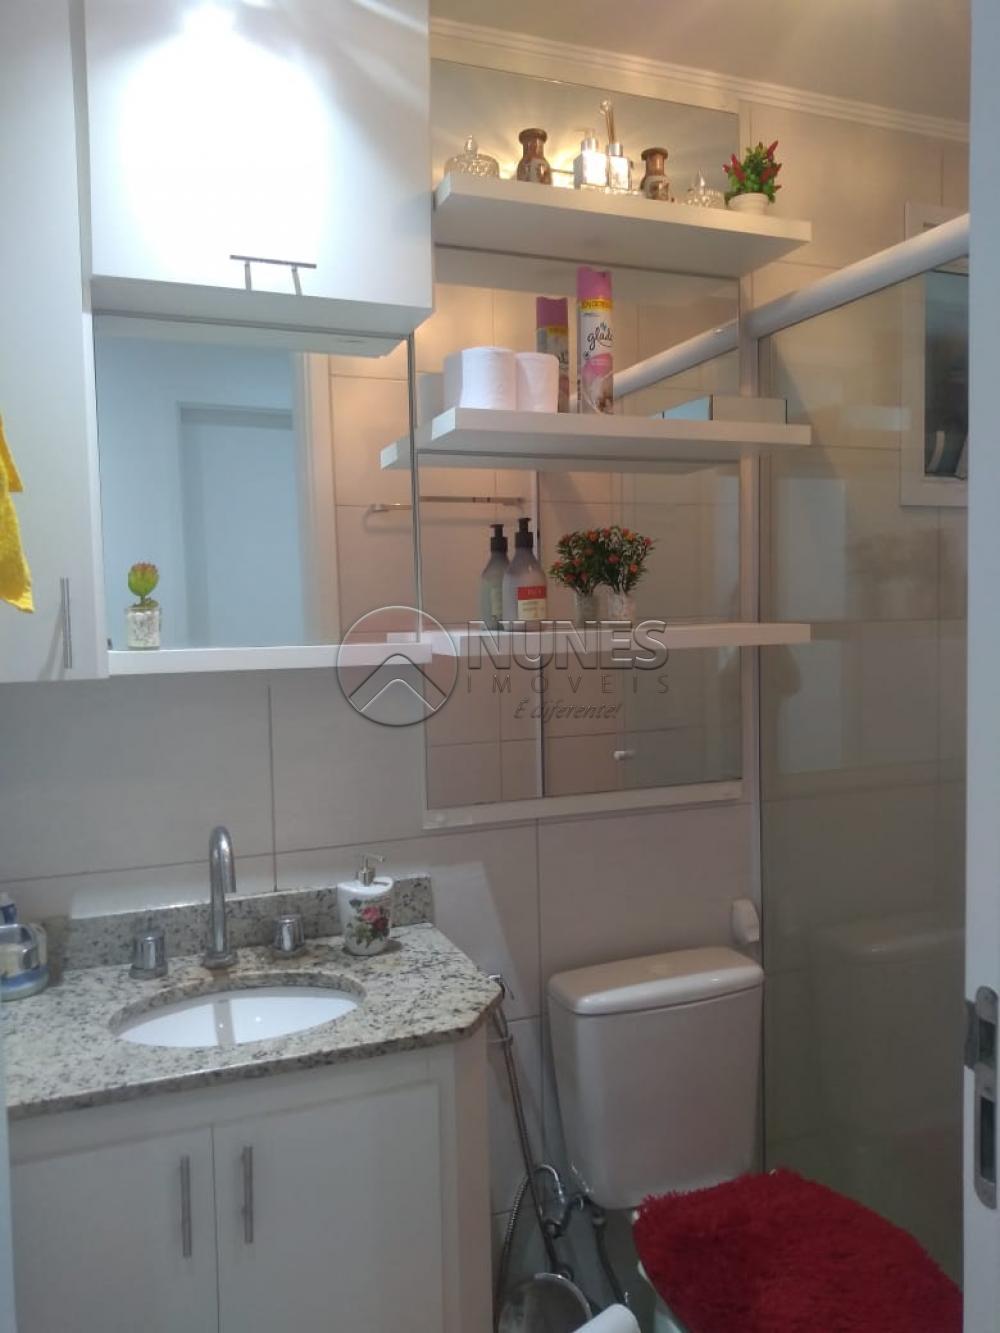 Alugar Apartamento / Padrão em São Paulo apenas R$ 4.900,00 - Foto 31